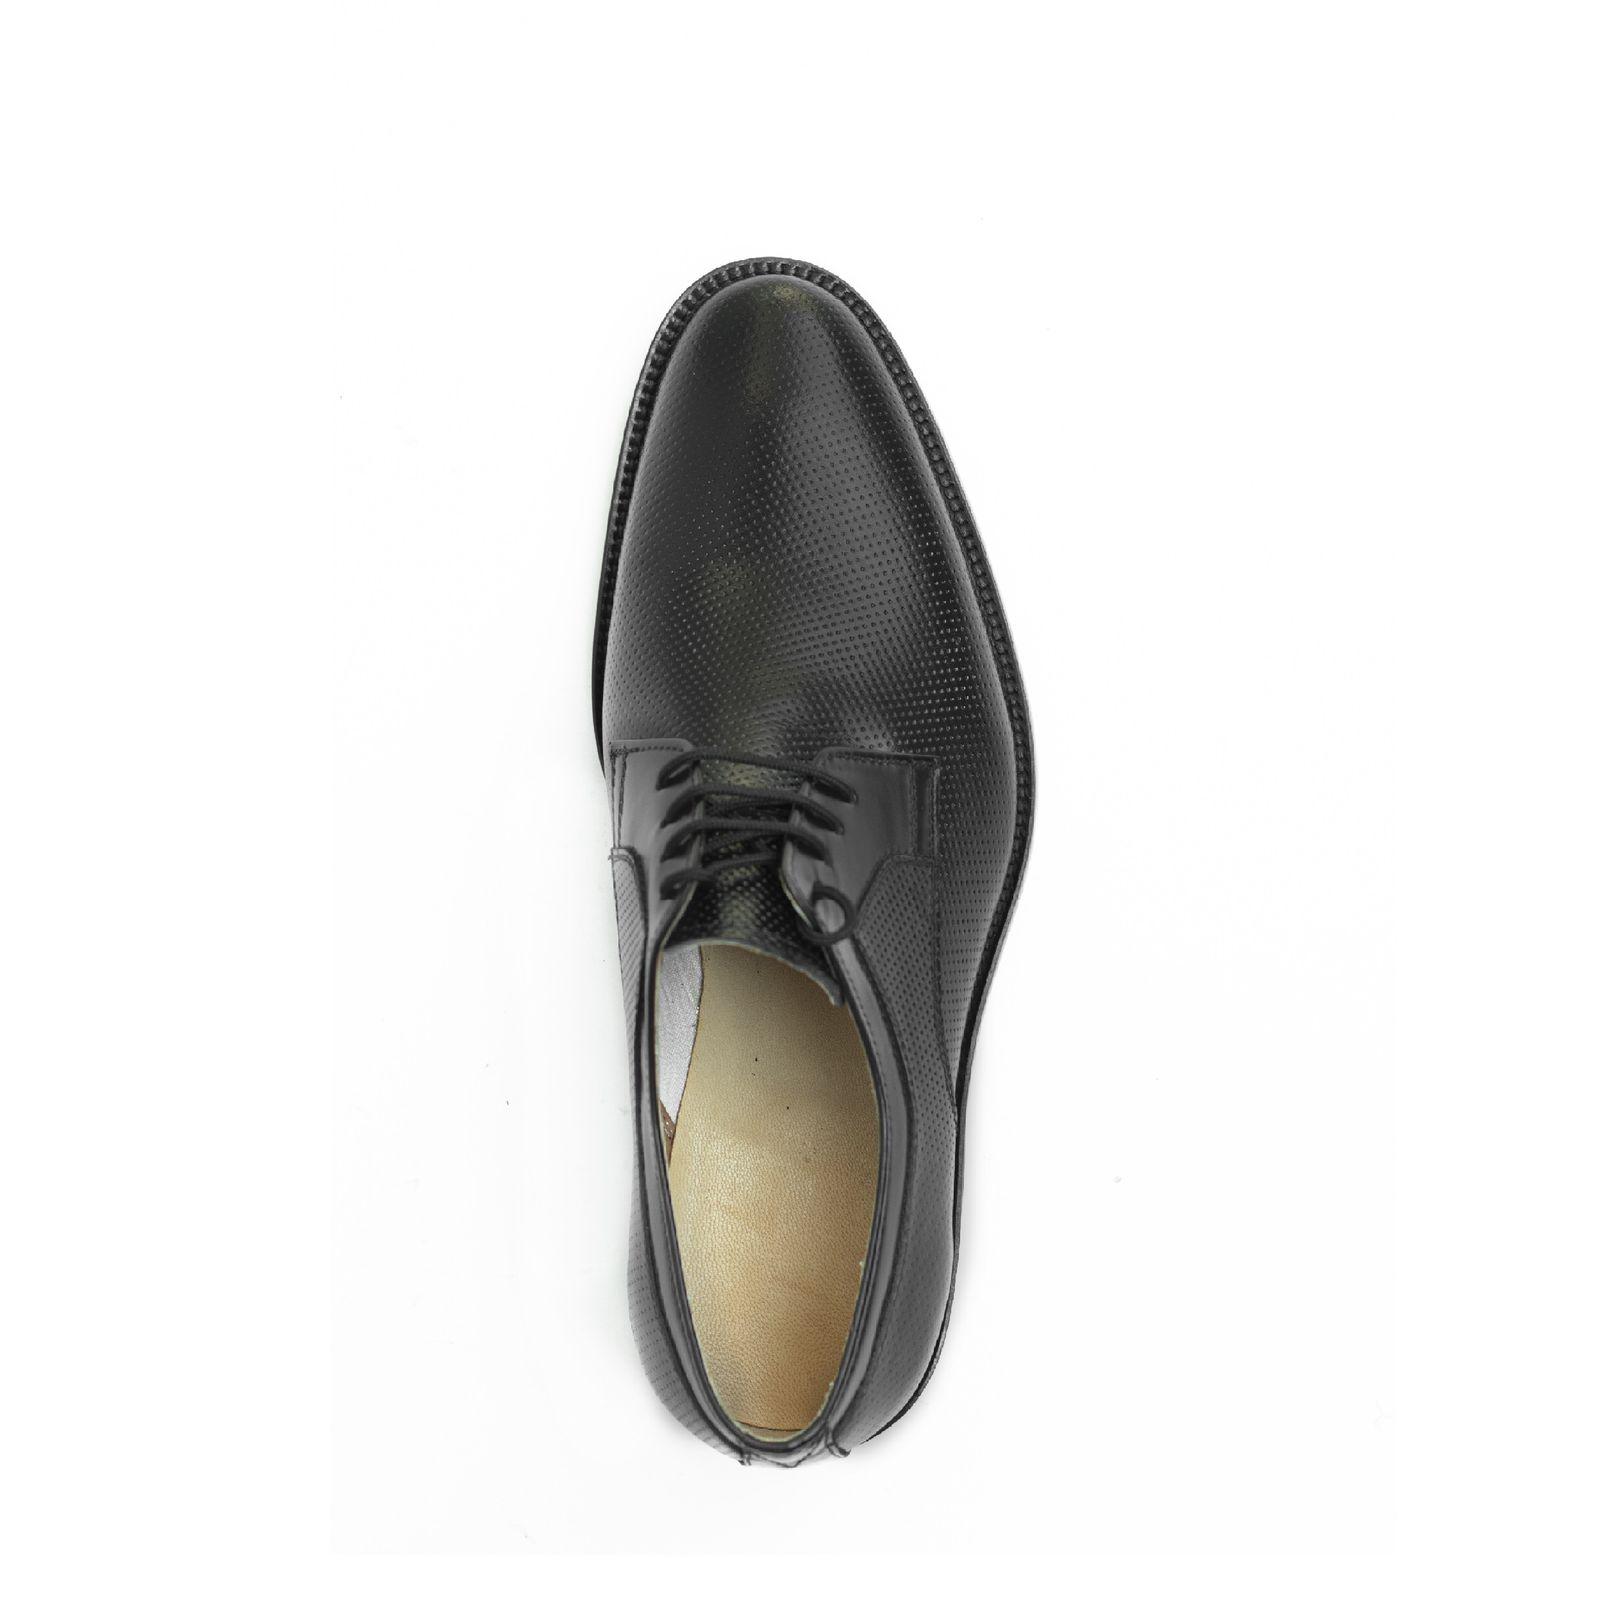 کفش مردانه کد 6777 -  - 2